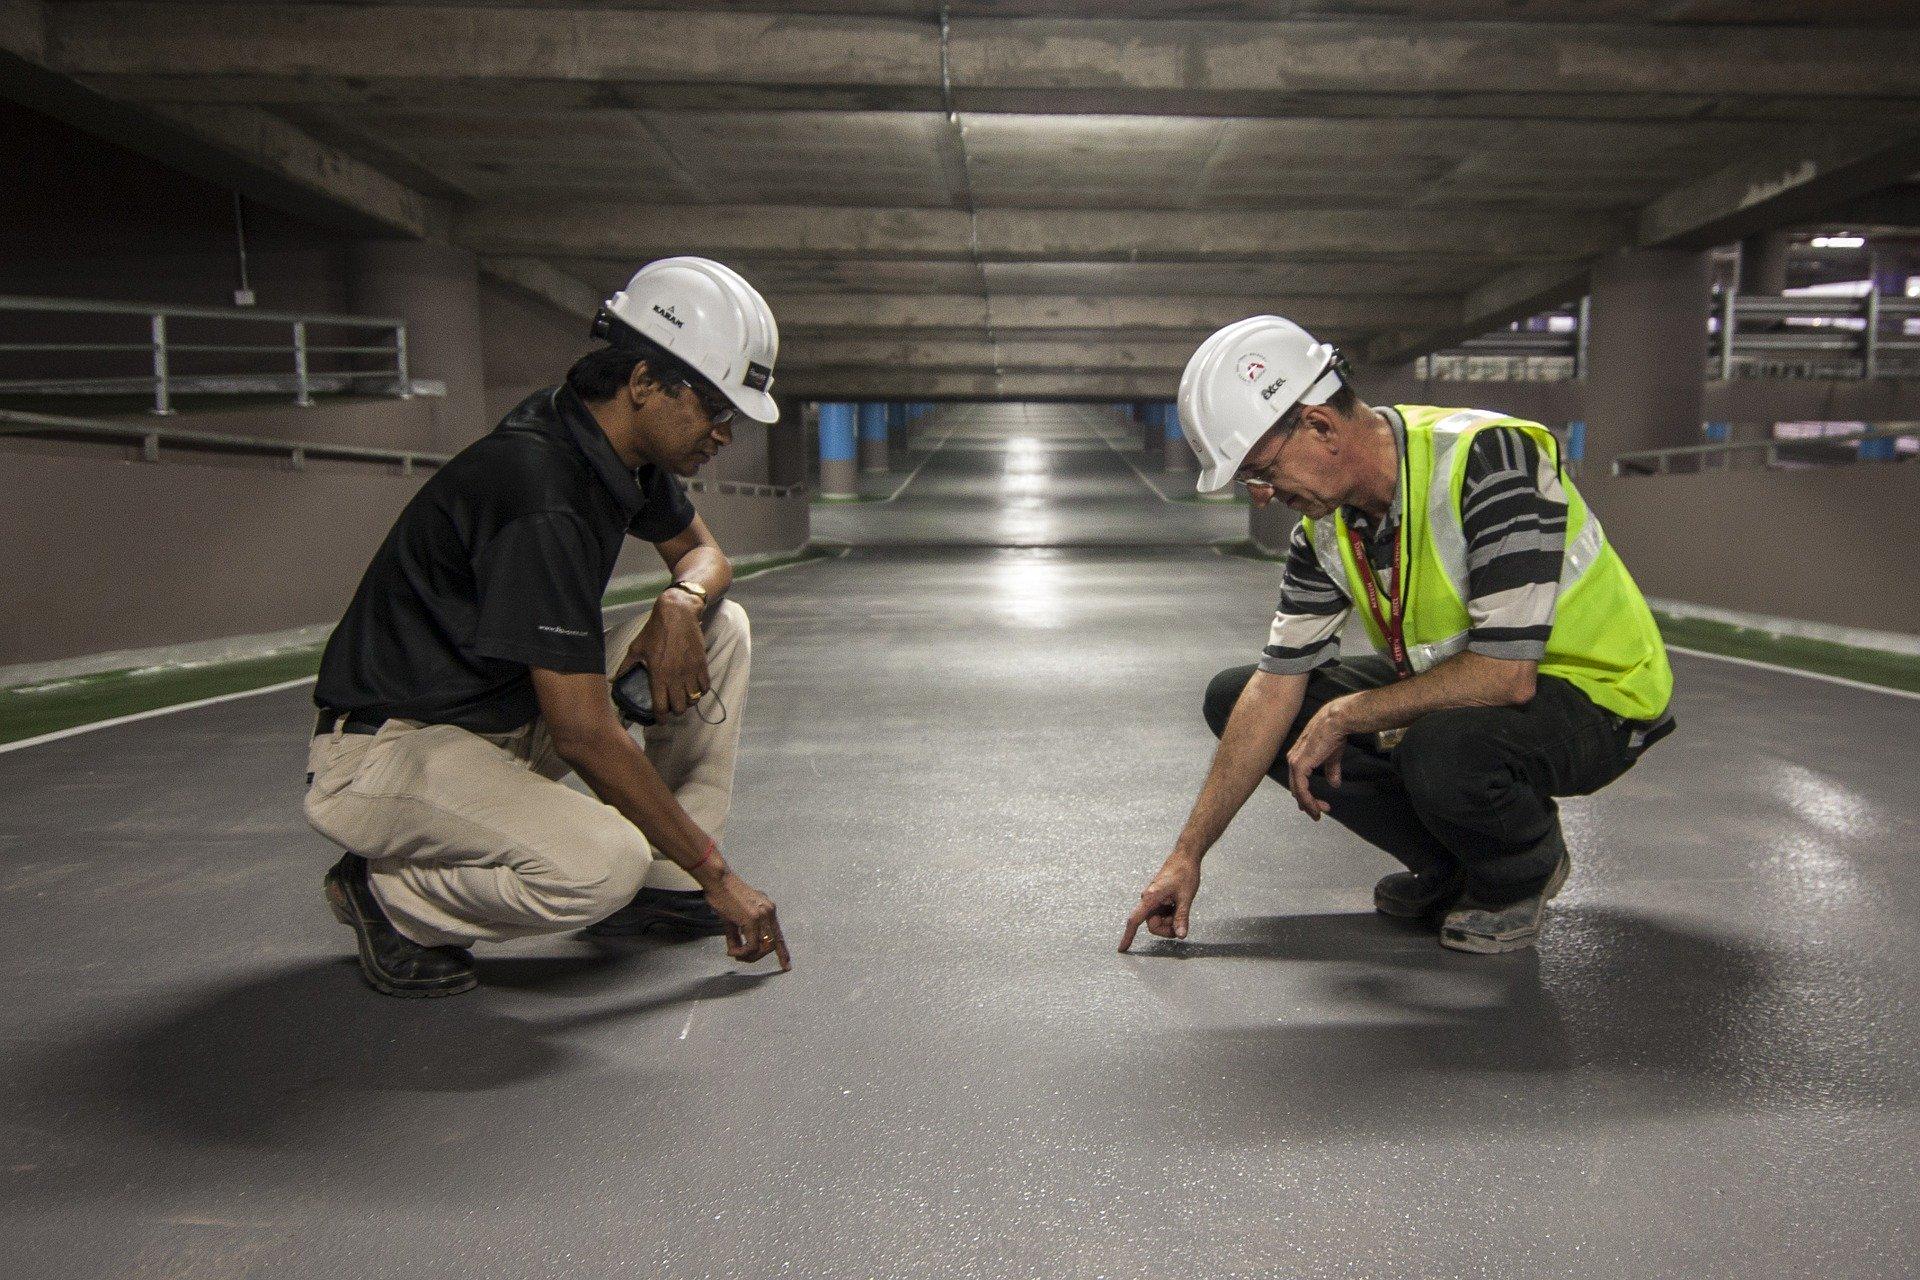 Mantenimiento de instalaciones industriales para la prevención de riesgos laborales - GRAUGO